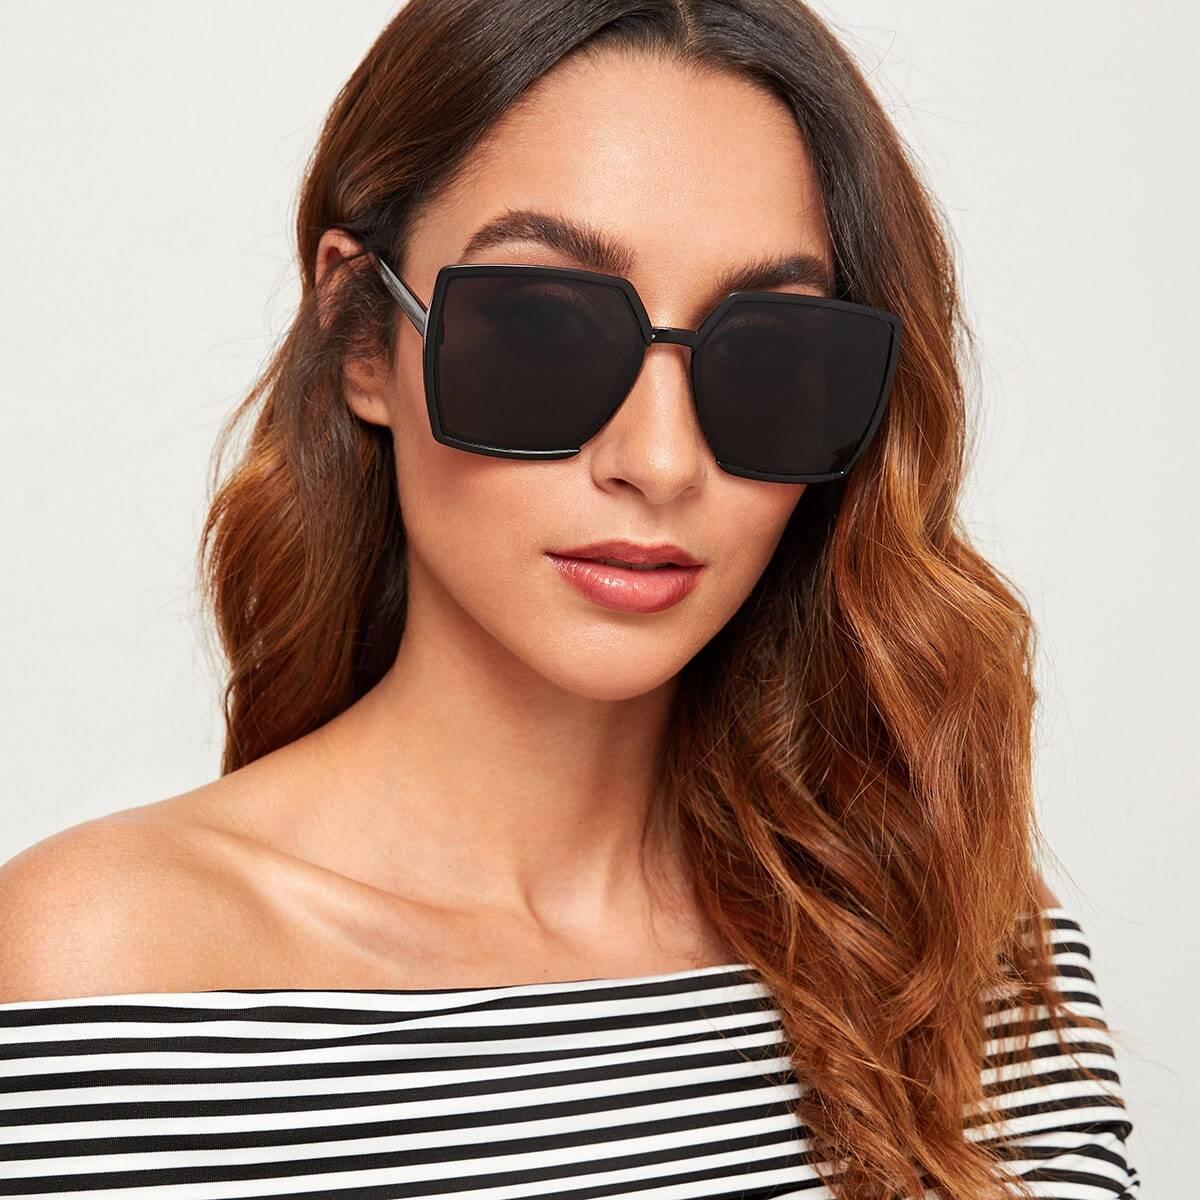 Простые квадратные солнцезащитные очки